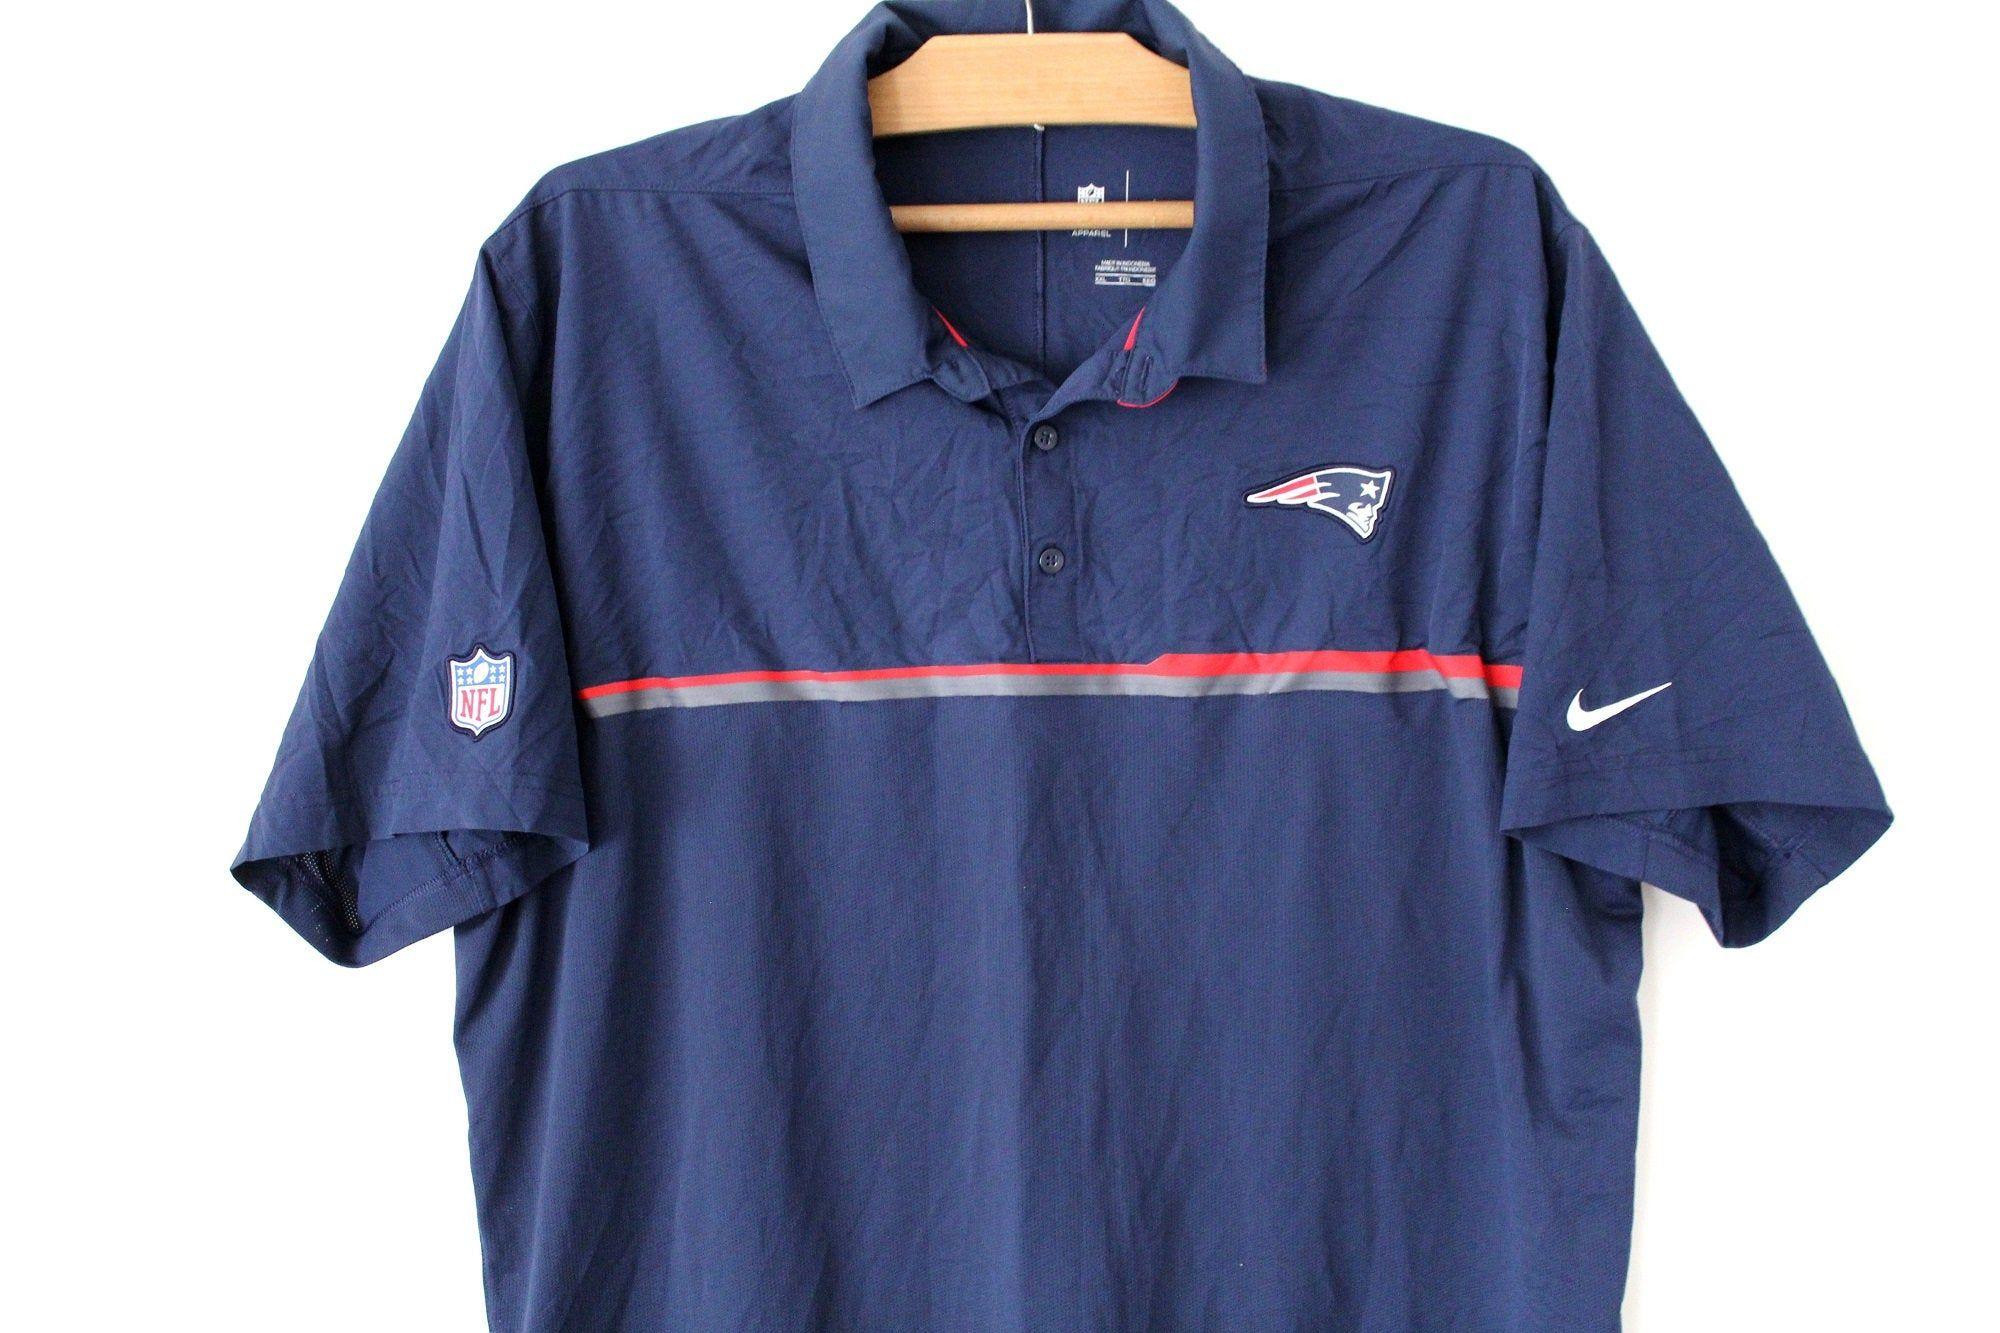 Vintage Nike Shirt Nike Nfl New England Patriots Shirt Blue Collard Nike Football T Shirt Nike Sportswear Patriotic Shirts Training Shirts Football Tshirts